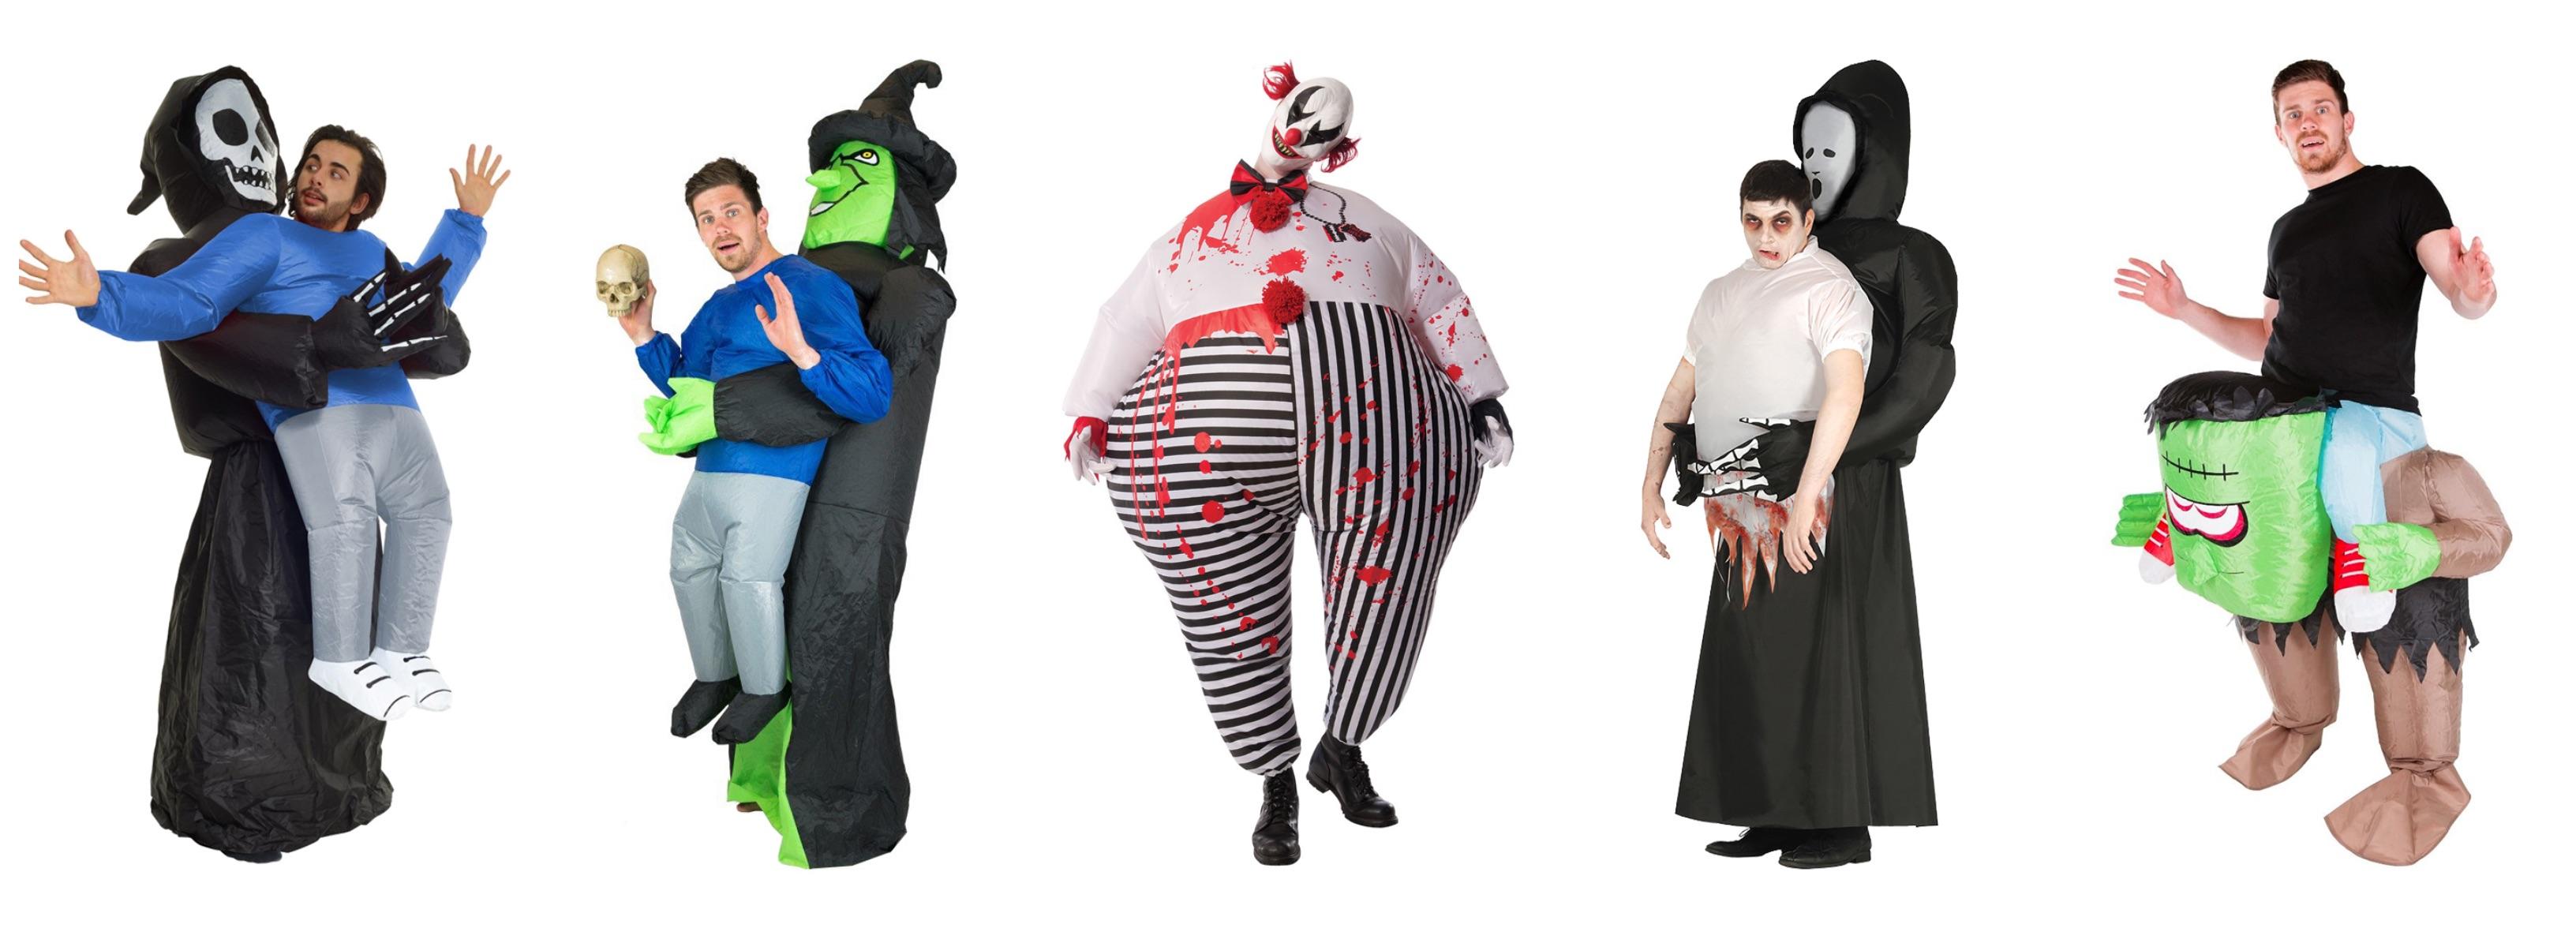 oppustelige halloweenkostumer til voksne - Oppustelige halloweenkostumer til voksne